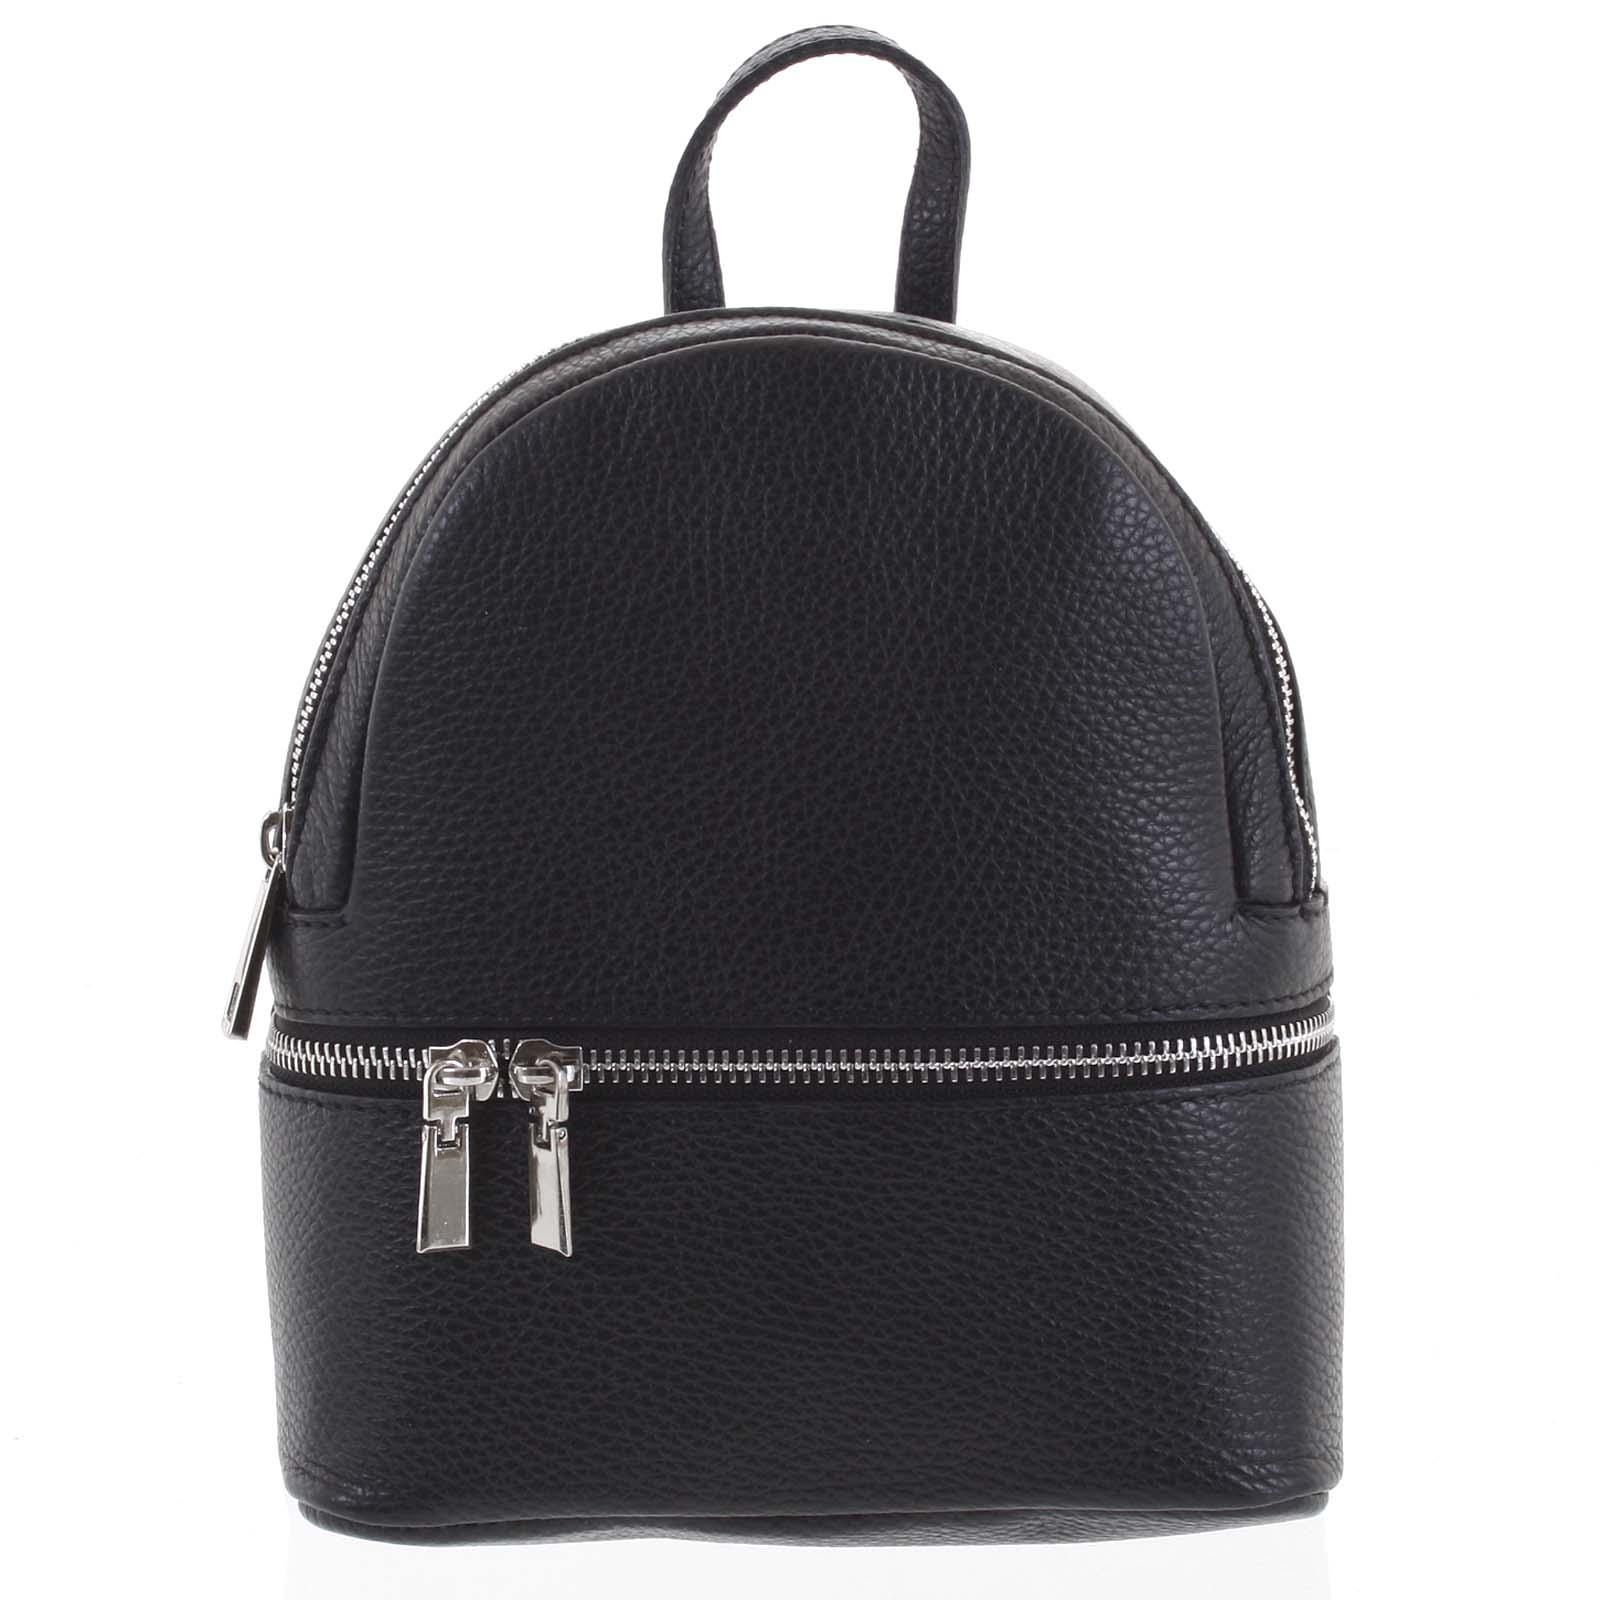 Dámský kožený batůžek černý - ItalY Rocme